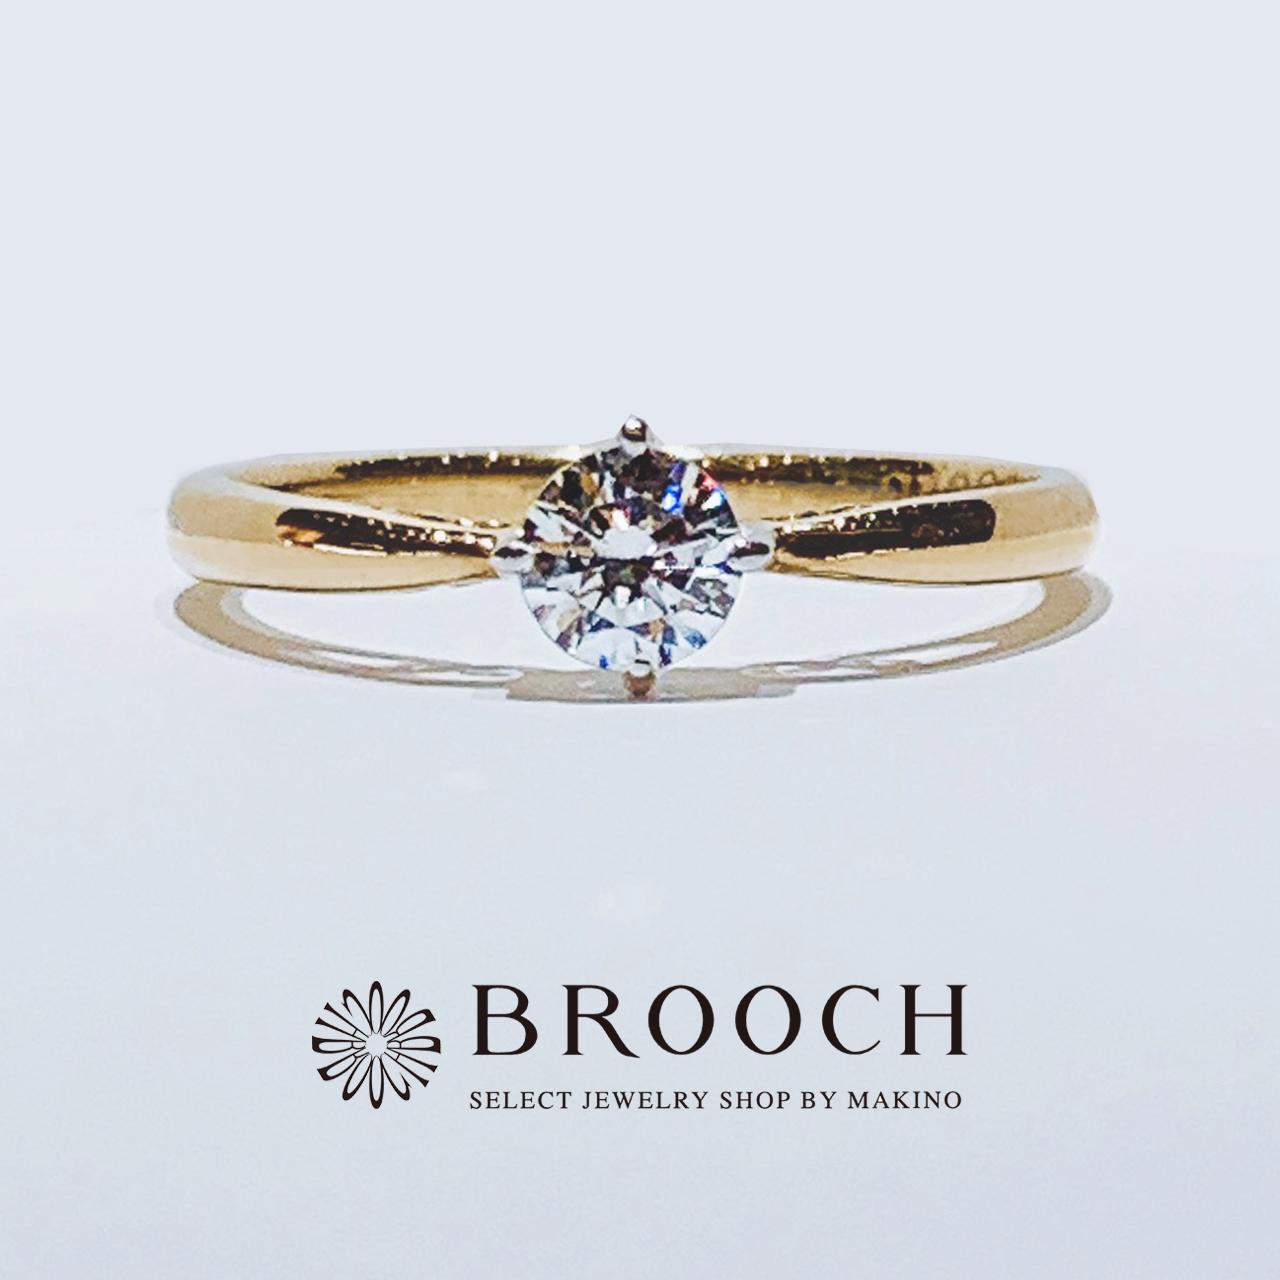 BROOCH 婚約指輪 エンゲージリング シンプル1石2色コンビ